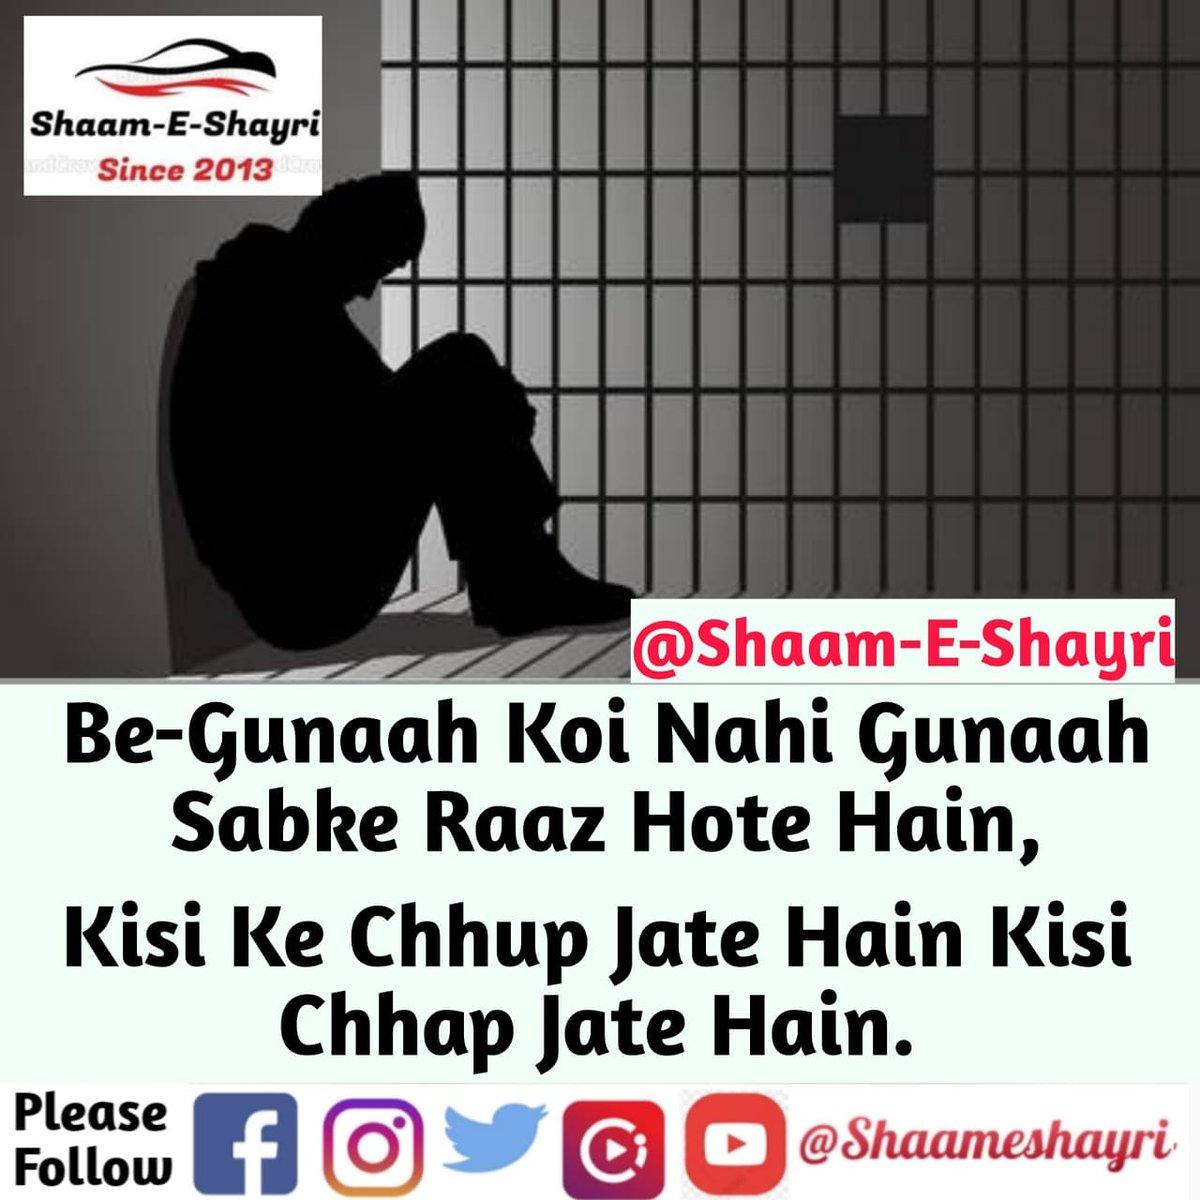 Be-Gunaah Koi Nahi Gunaah Sabke Raaz Hote Hain, Kisi Ke Chhup Jate Hain Kisi Chhap Jate Hain.  बेगुनाह कोई नहीं गुनाह सबके राज़ होते हैं, किसी के छुप जाते हैं, किसी के छप जाते हैं।  #Shameshayri #Urdushayari #urdupoetry #hindishayari https://t.co/ZUKB7xXKCA